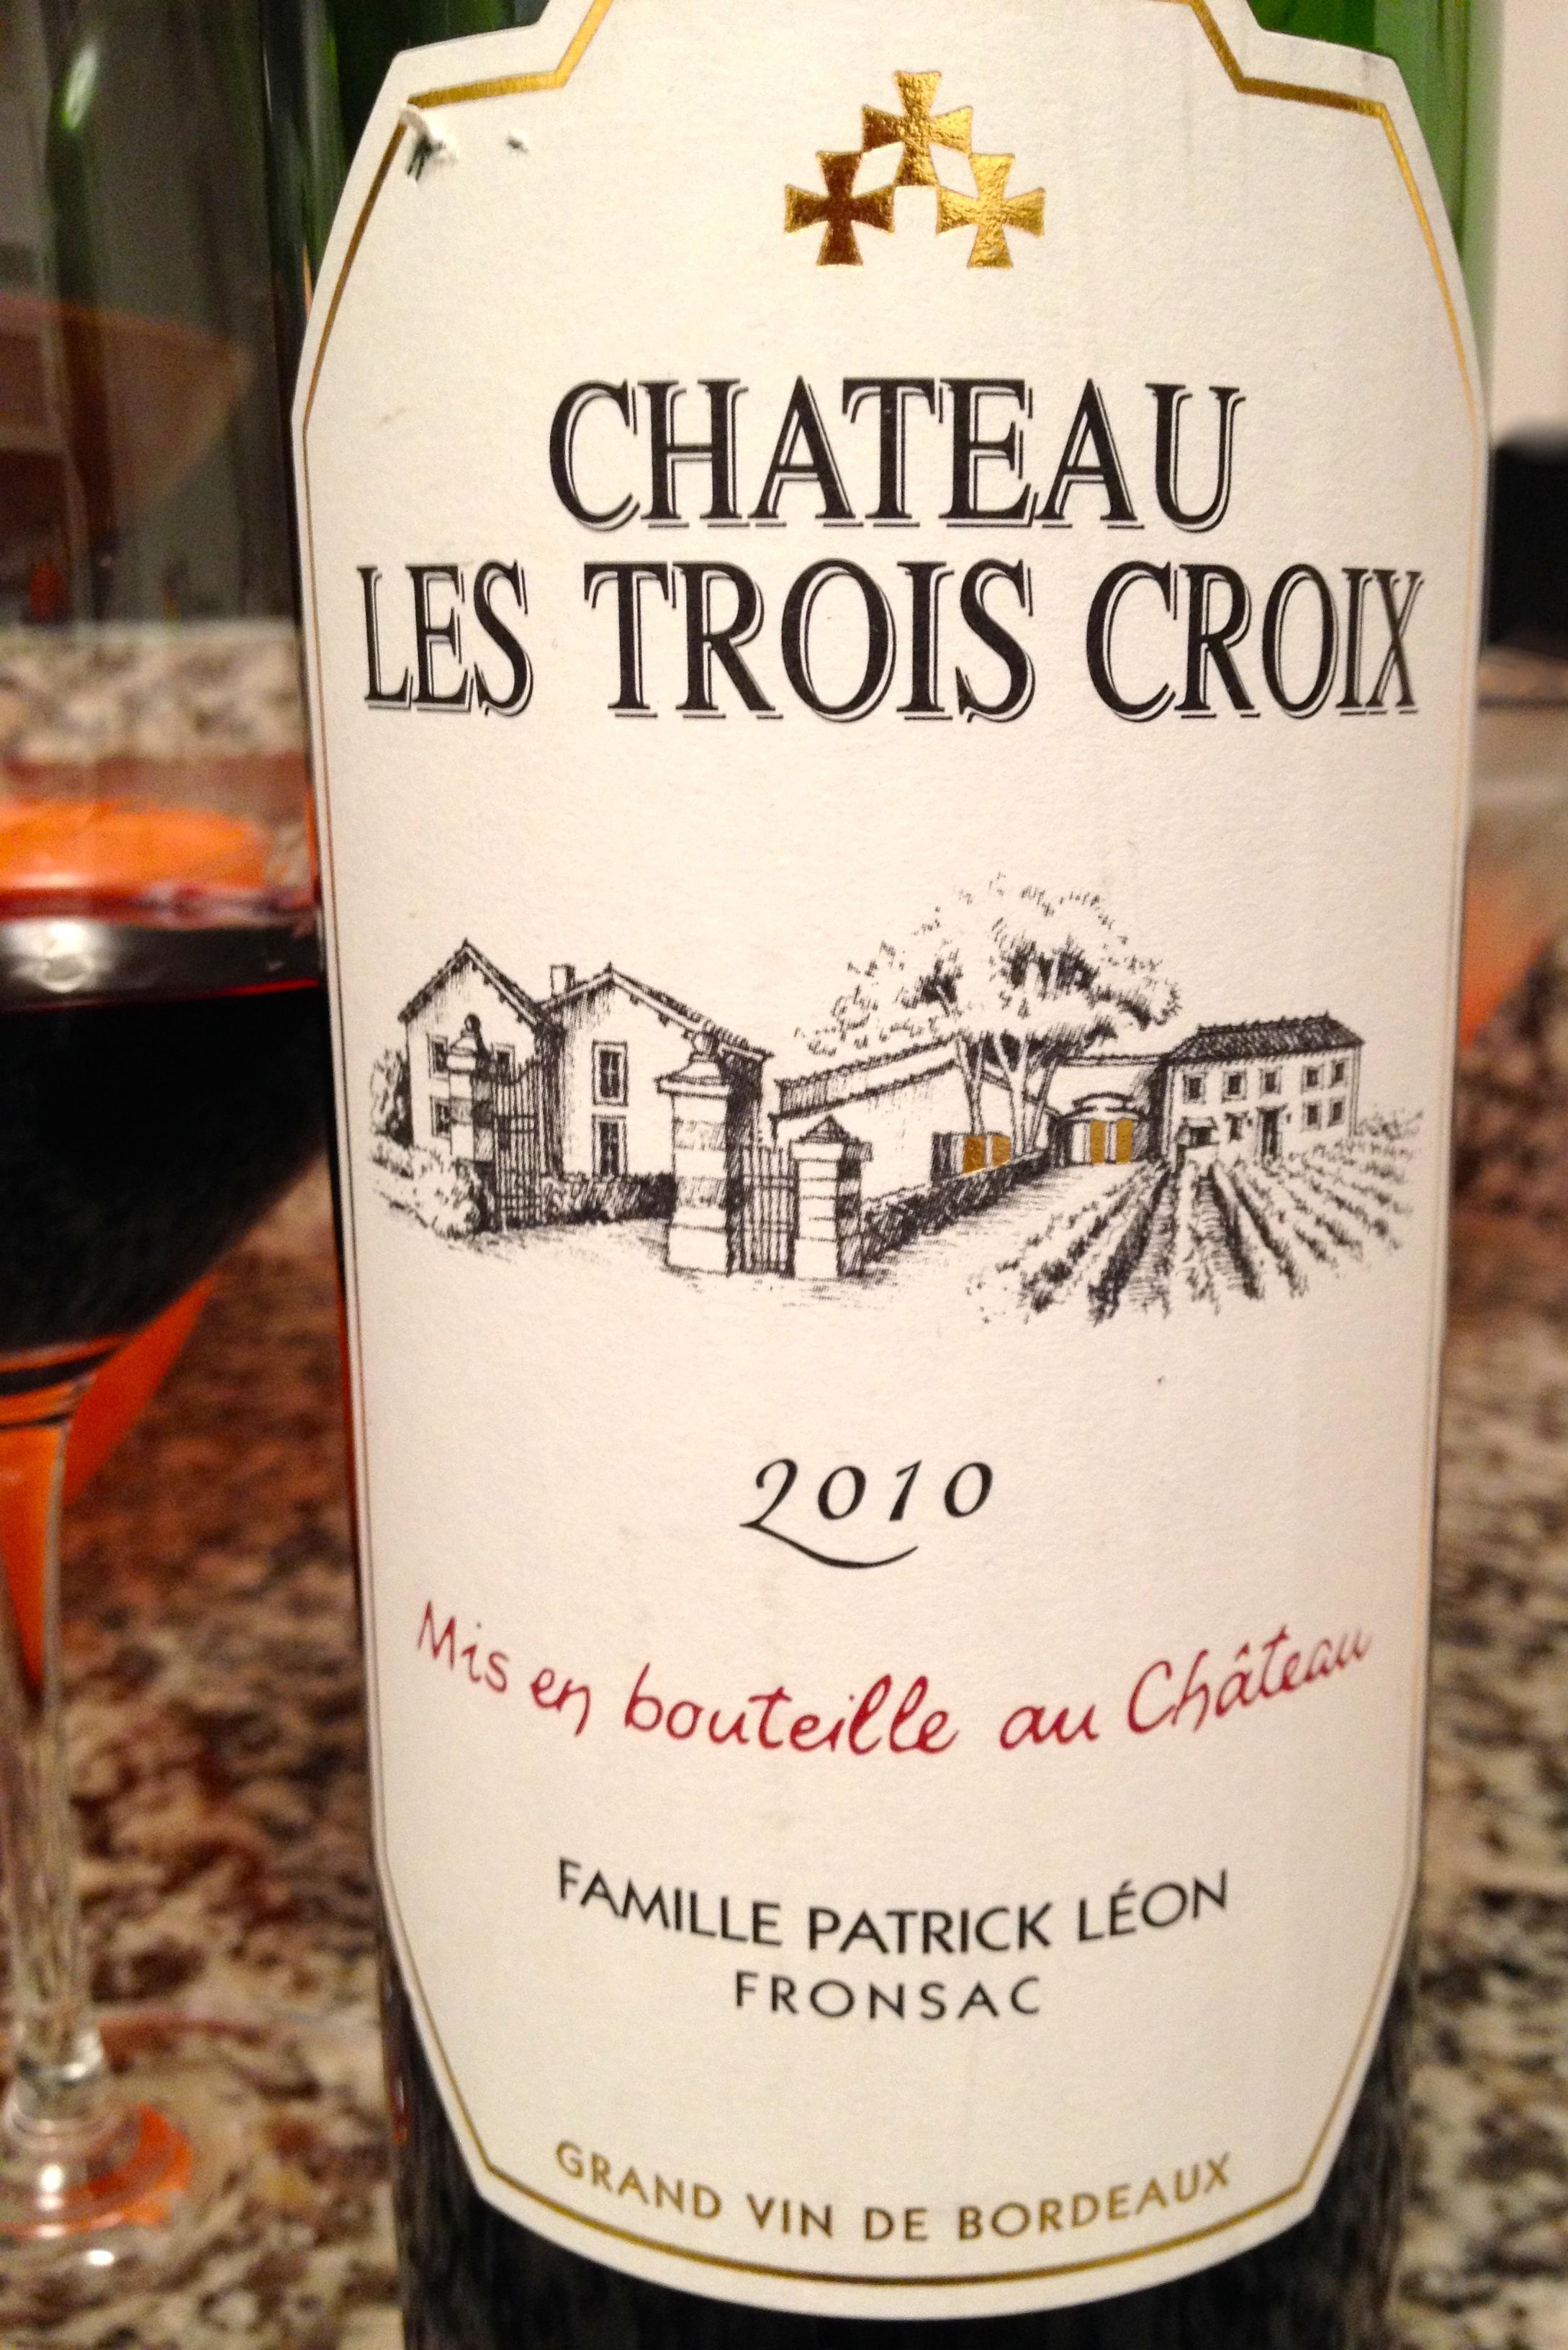 Chateau Les Trois Croix, Fronsac, Grand Vin de Bordeaux 1